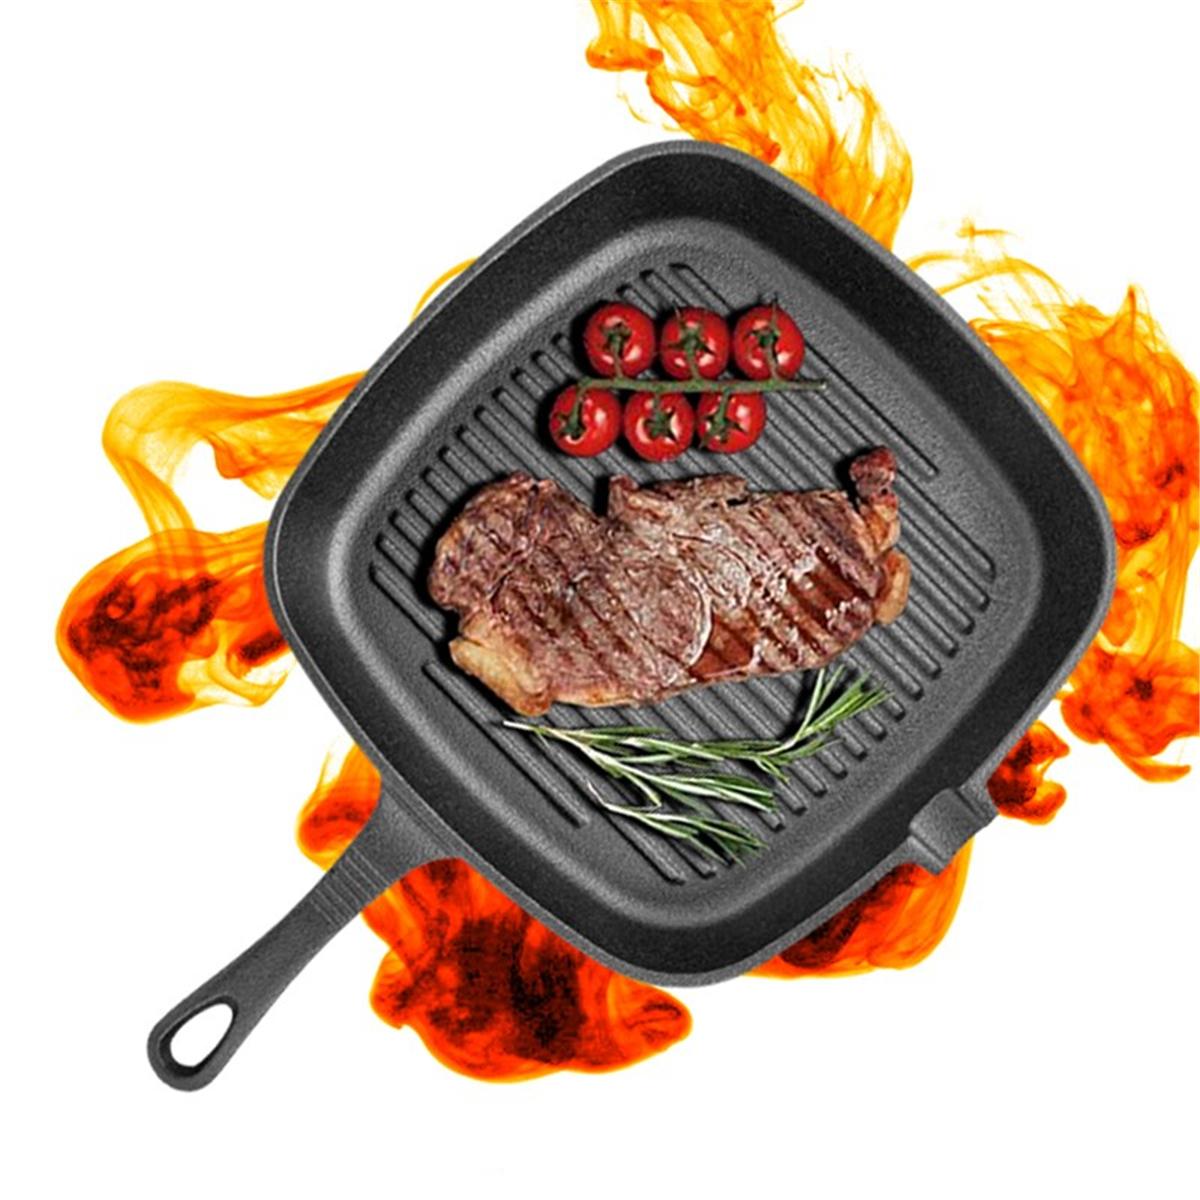 Image of Non-StickCastEisenGrillBratpfanneGrill BBQ Küche Kochen Backen Werkzeug Antihaft-Pfanne